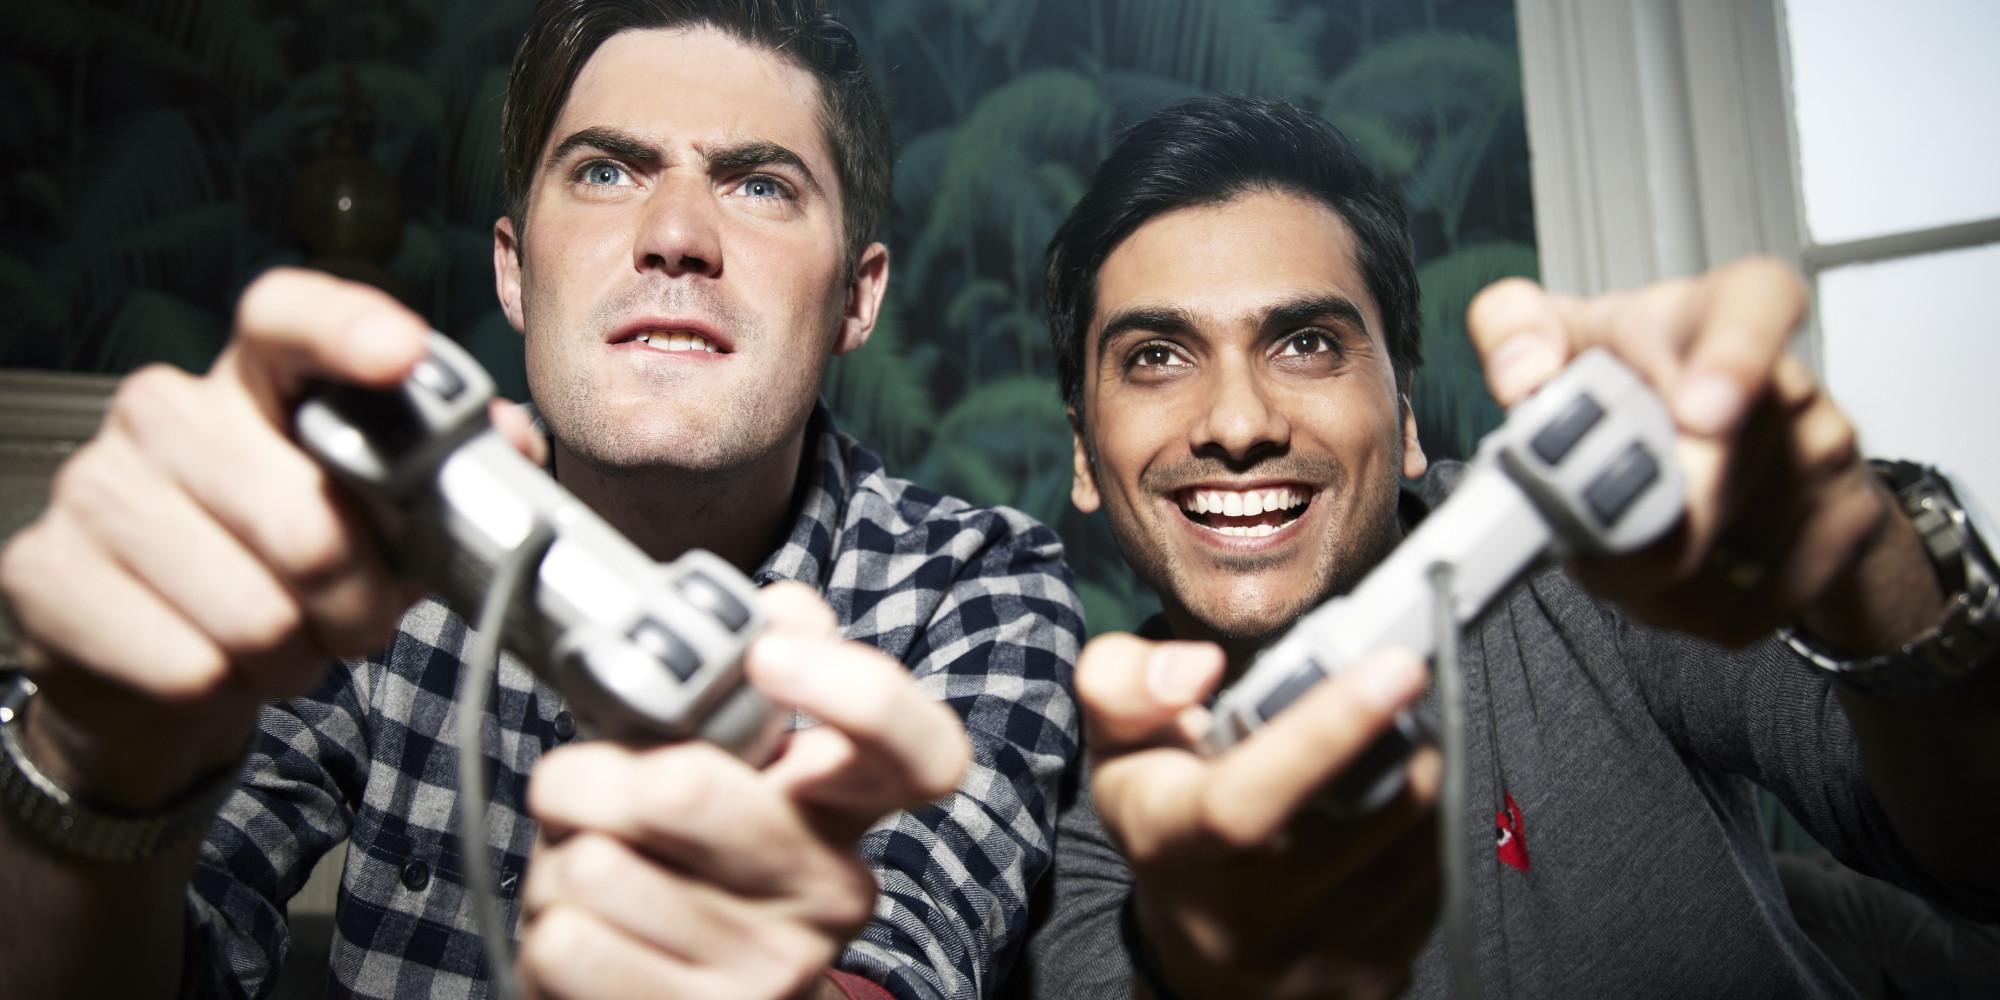 game men playing